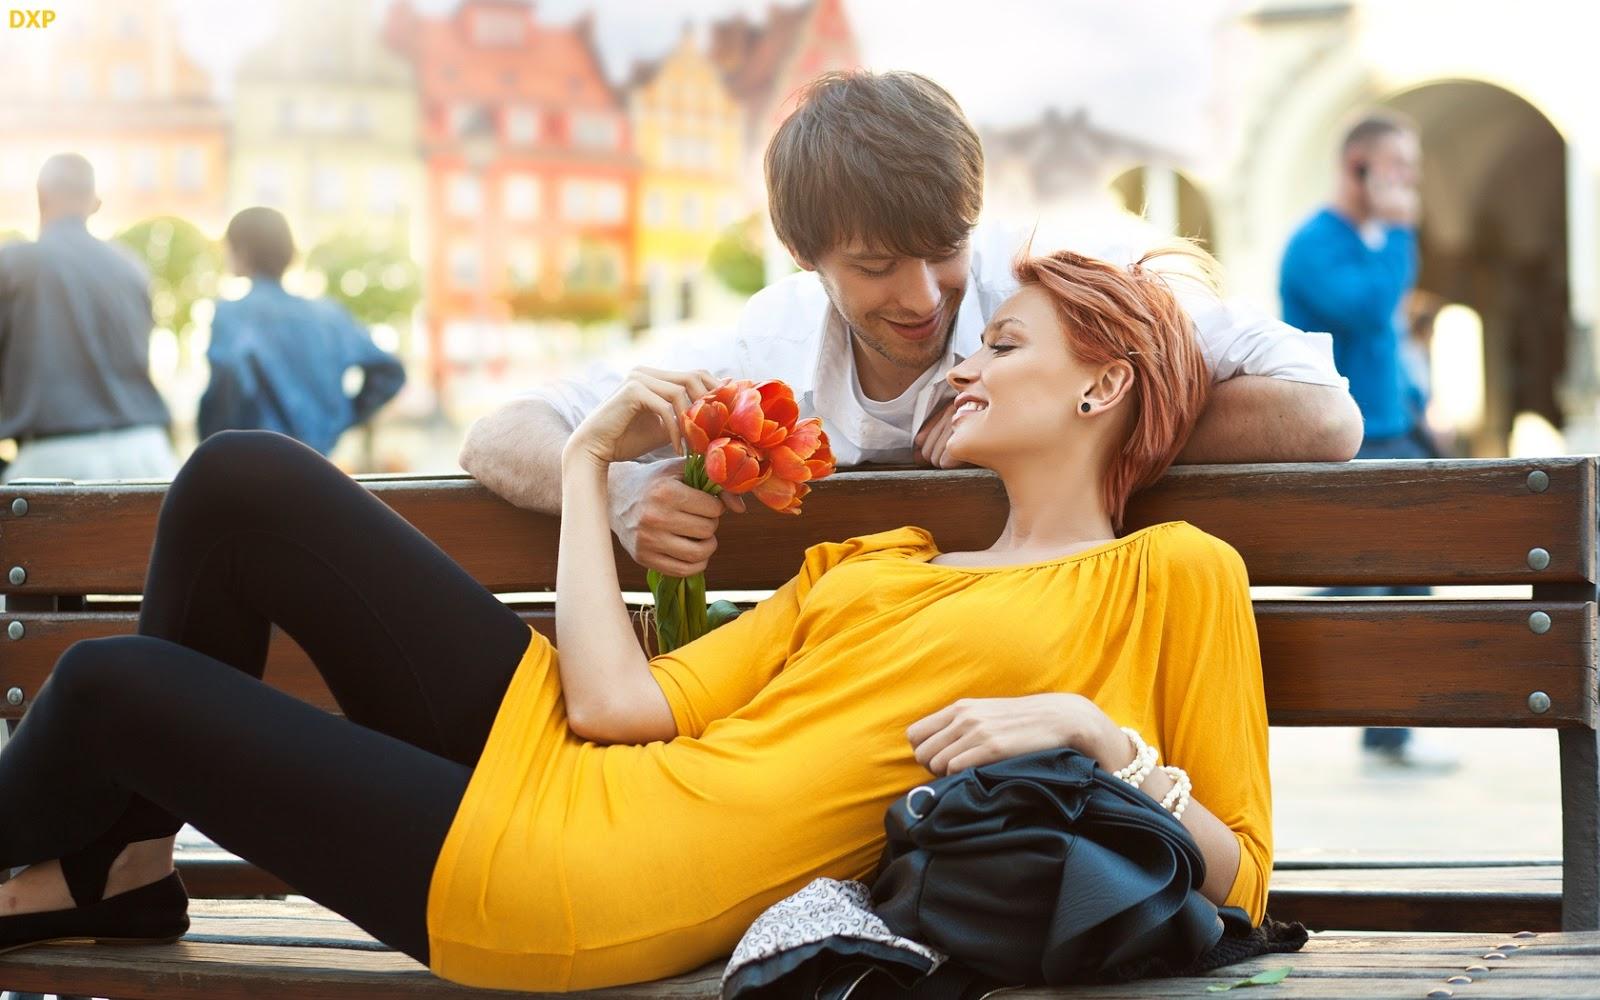 صور حب رومانسية – صور رومانسية للعشاق